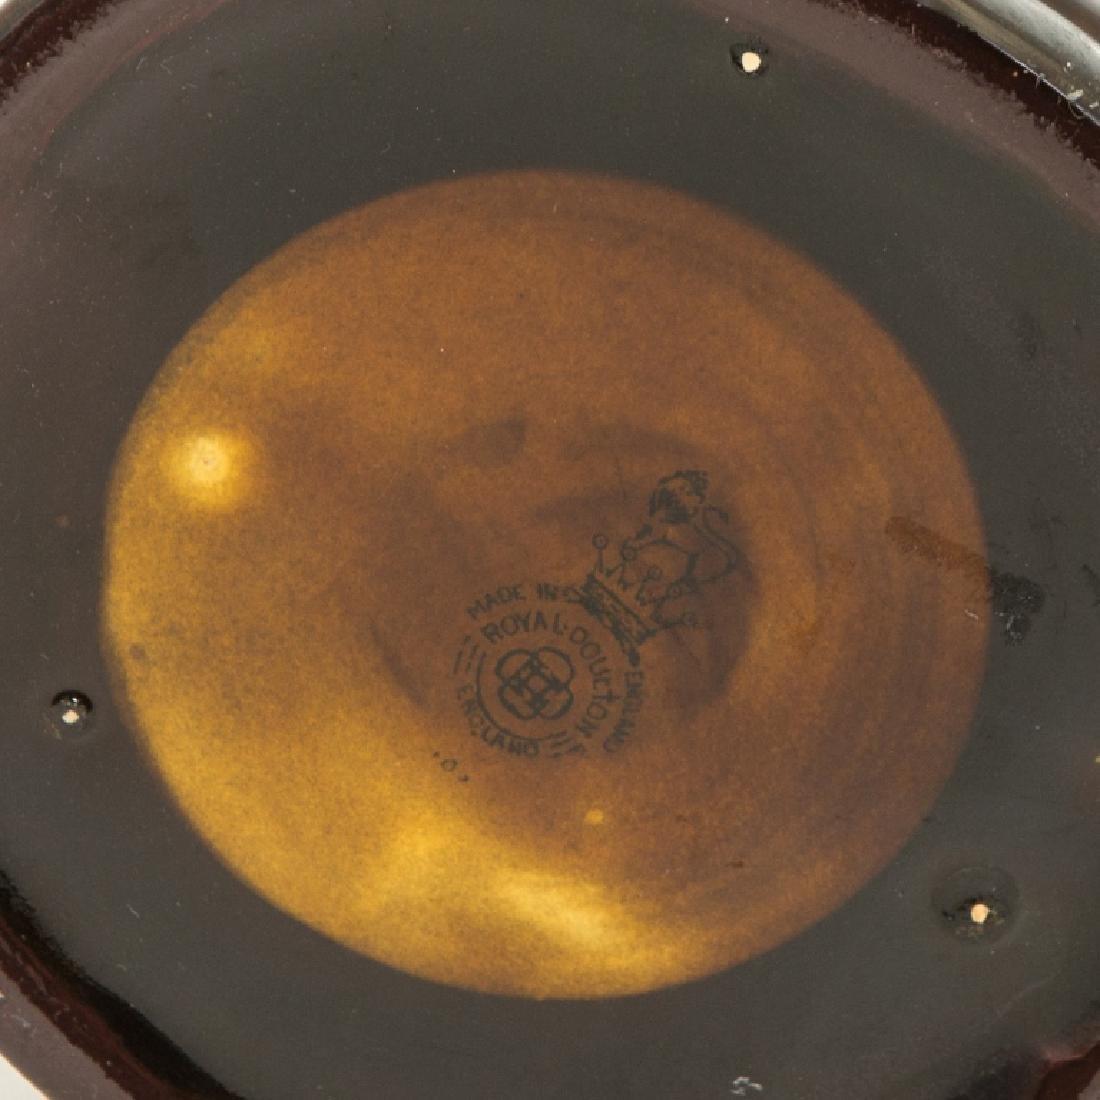 Royal Doulton Kingsware Huntsman Toby Jug - 3